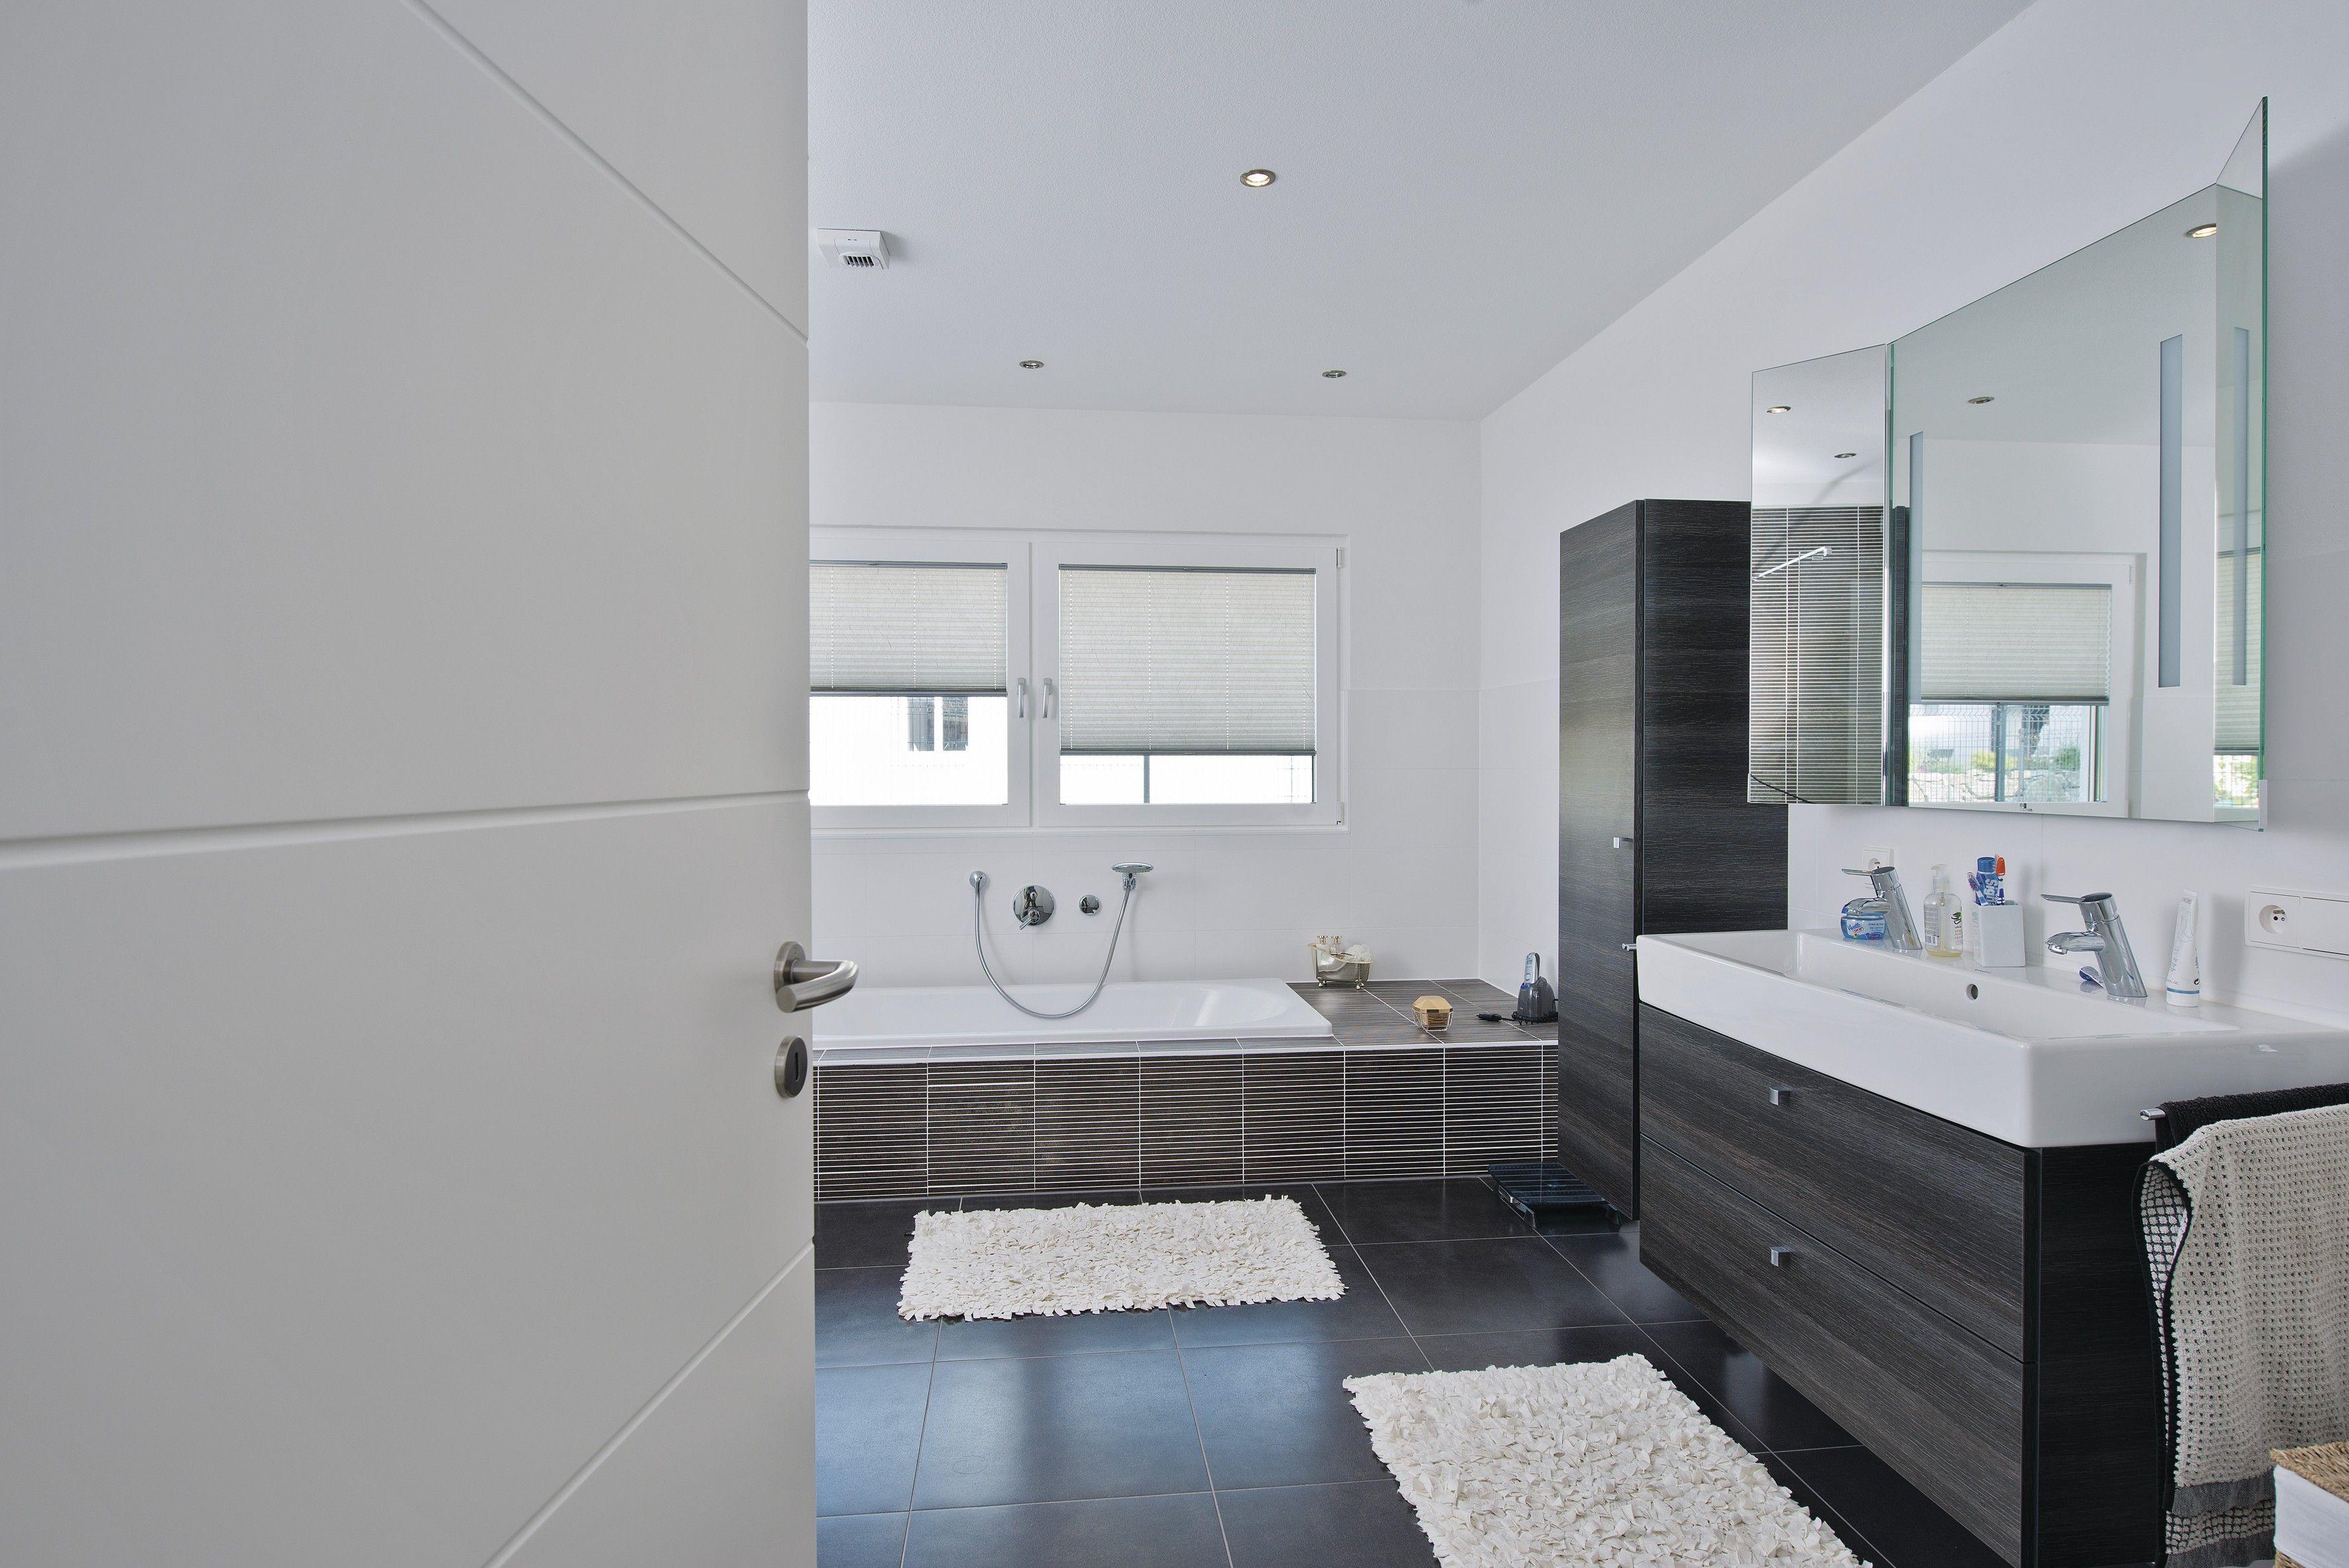 Fabelhaft Badezimmer Badewanne Ideen Von #badezimmer #bad #badewanne